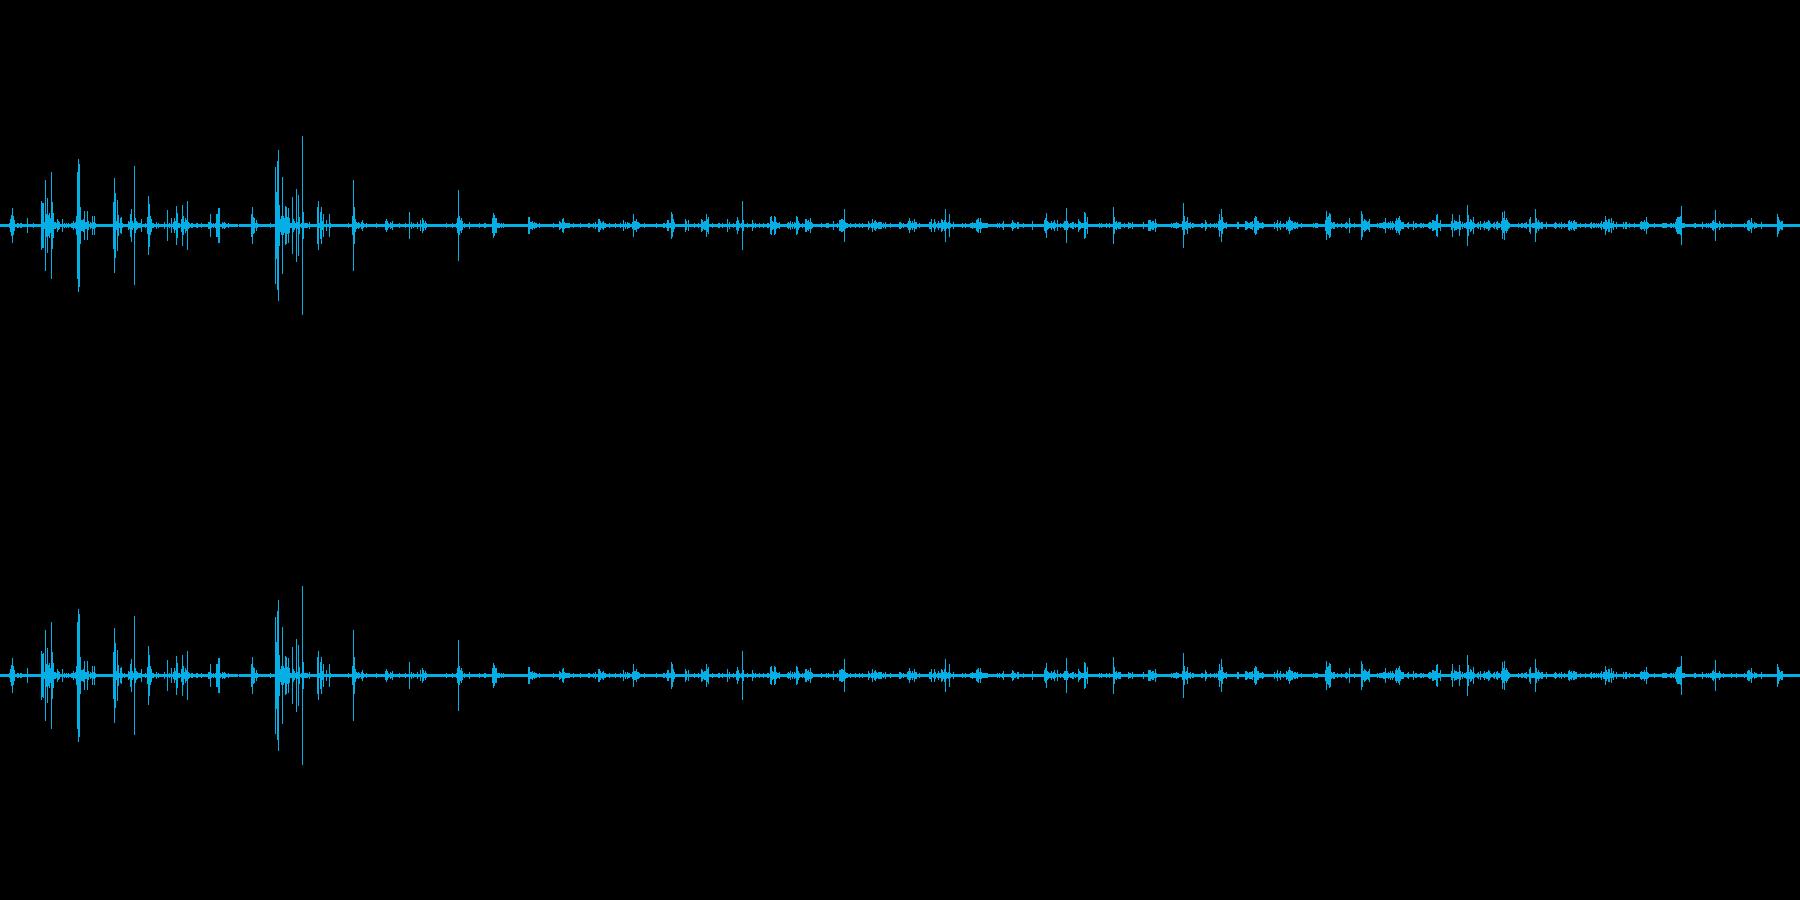 【生音】足音 - スニーカー 03の再生済みの波形